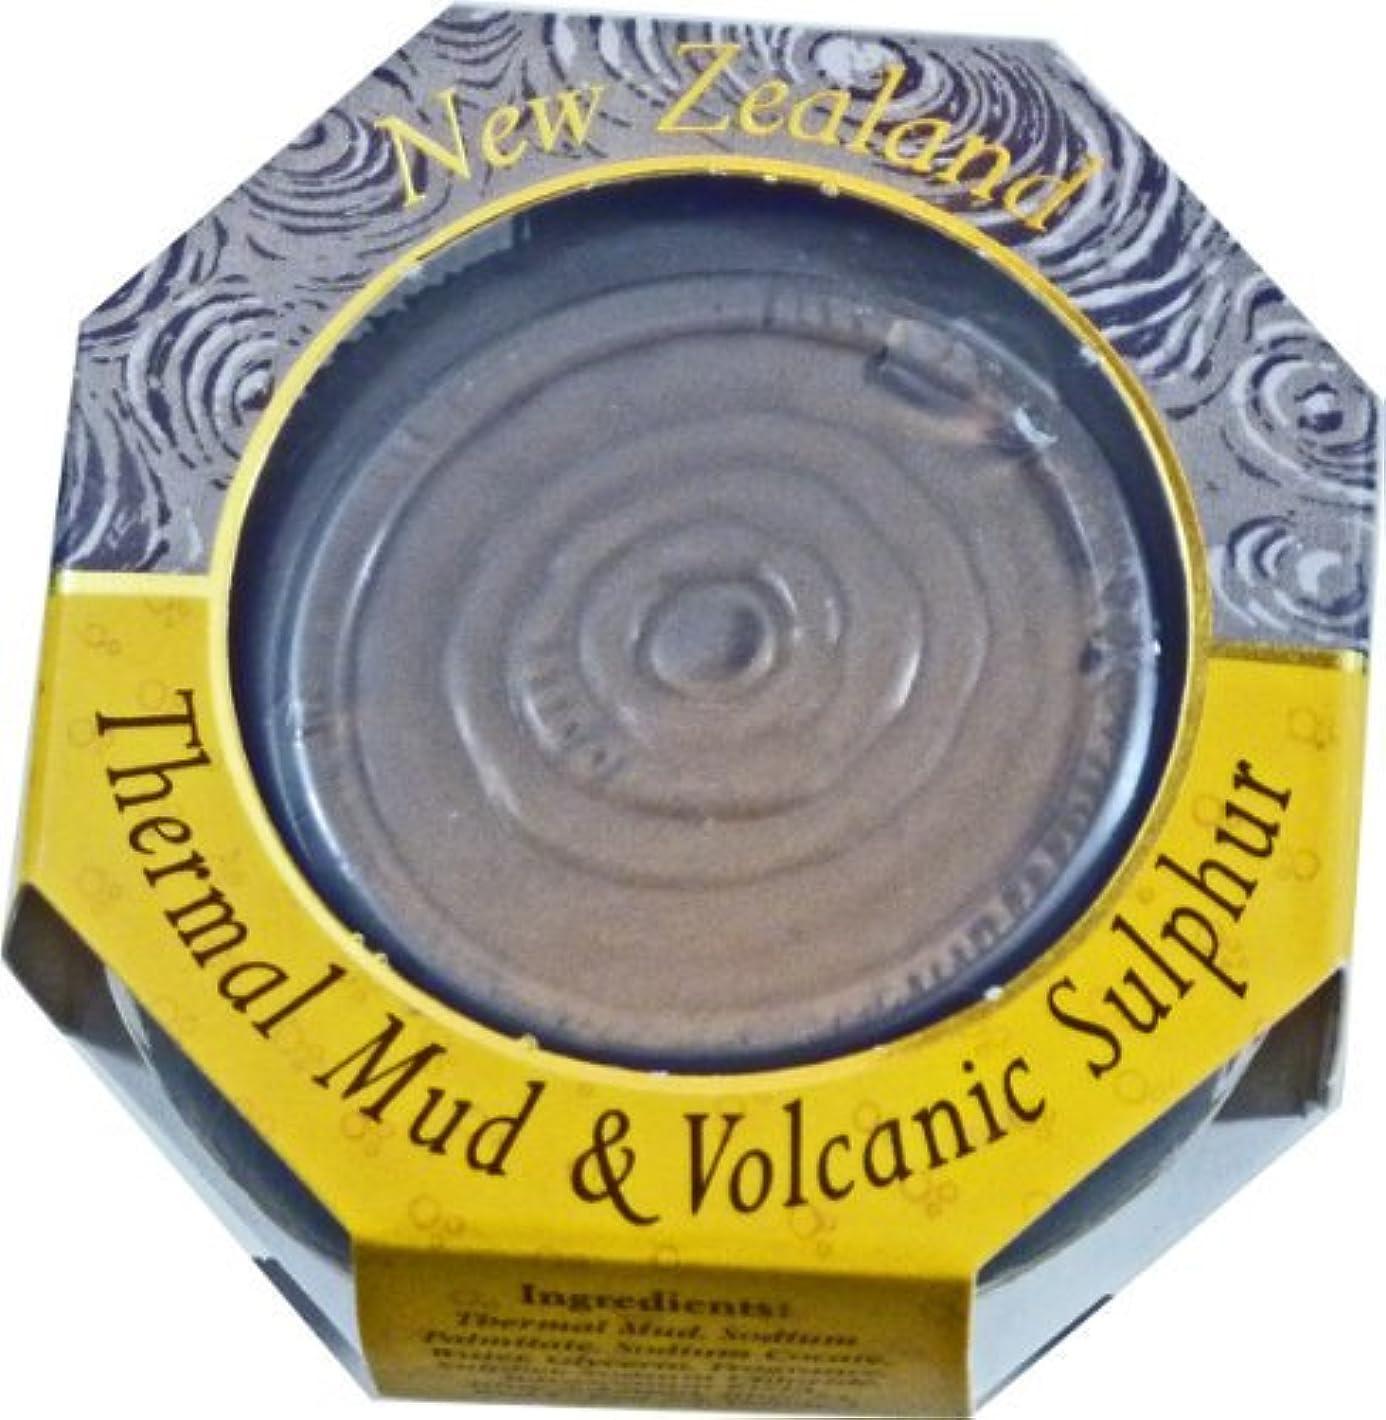 退化するバスタブ要求Soap Thermal Mud & Sulphur 115g